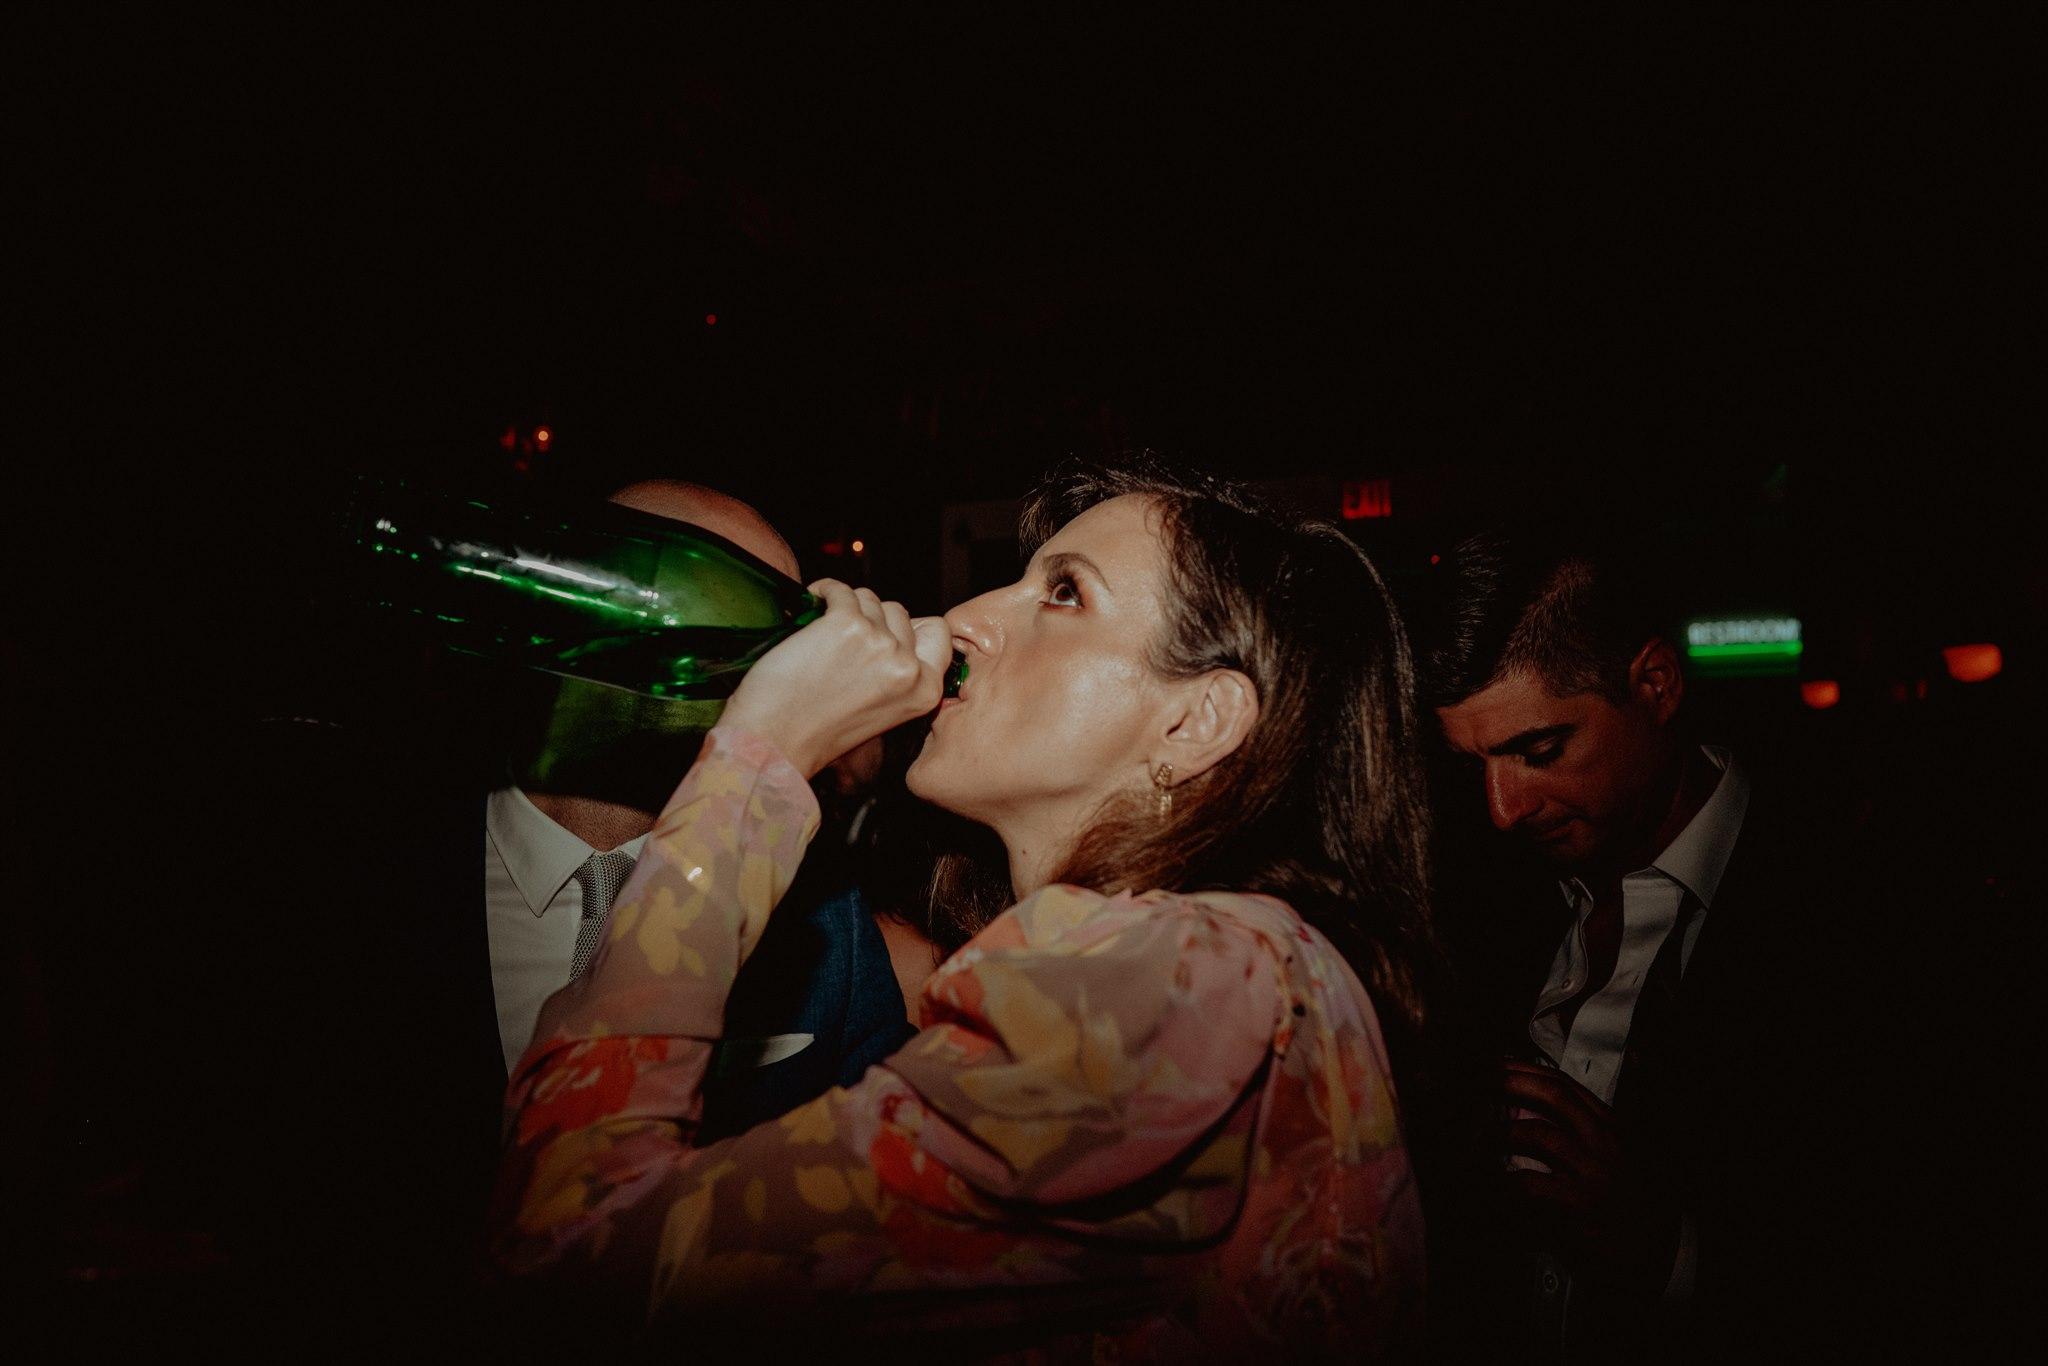 Chellise_Michael_Photography_Ramona_Brooklyn_Wedding_Photographer-751.jpg